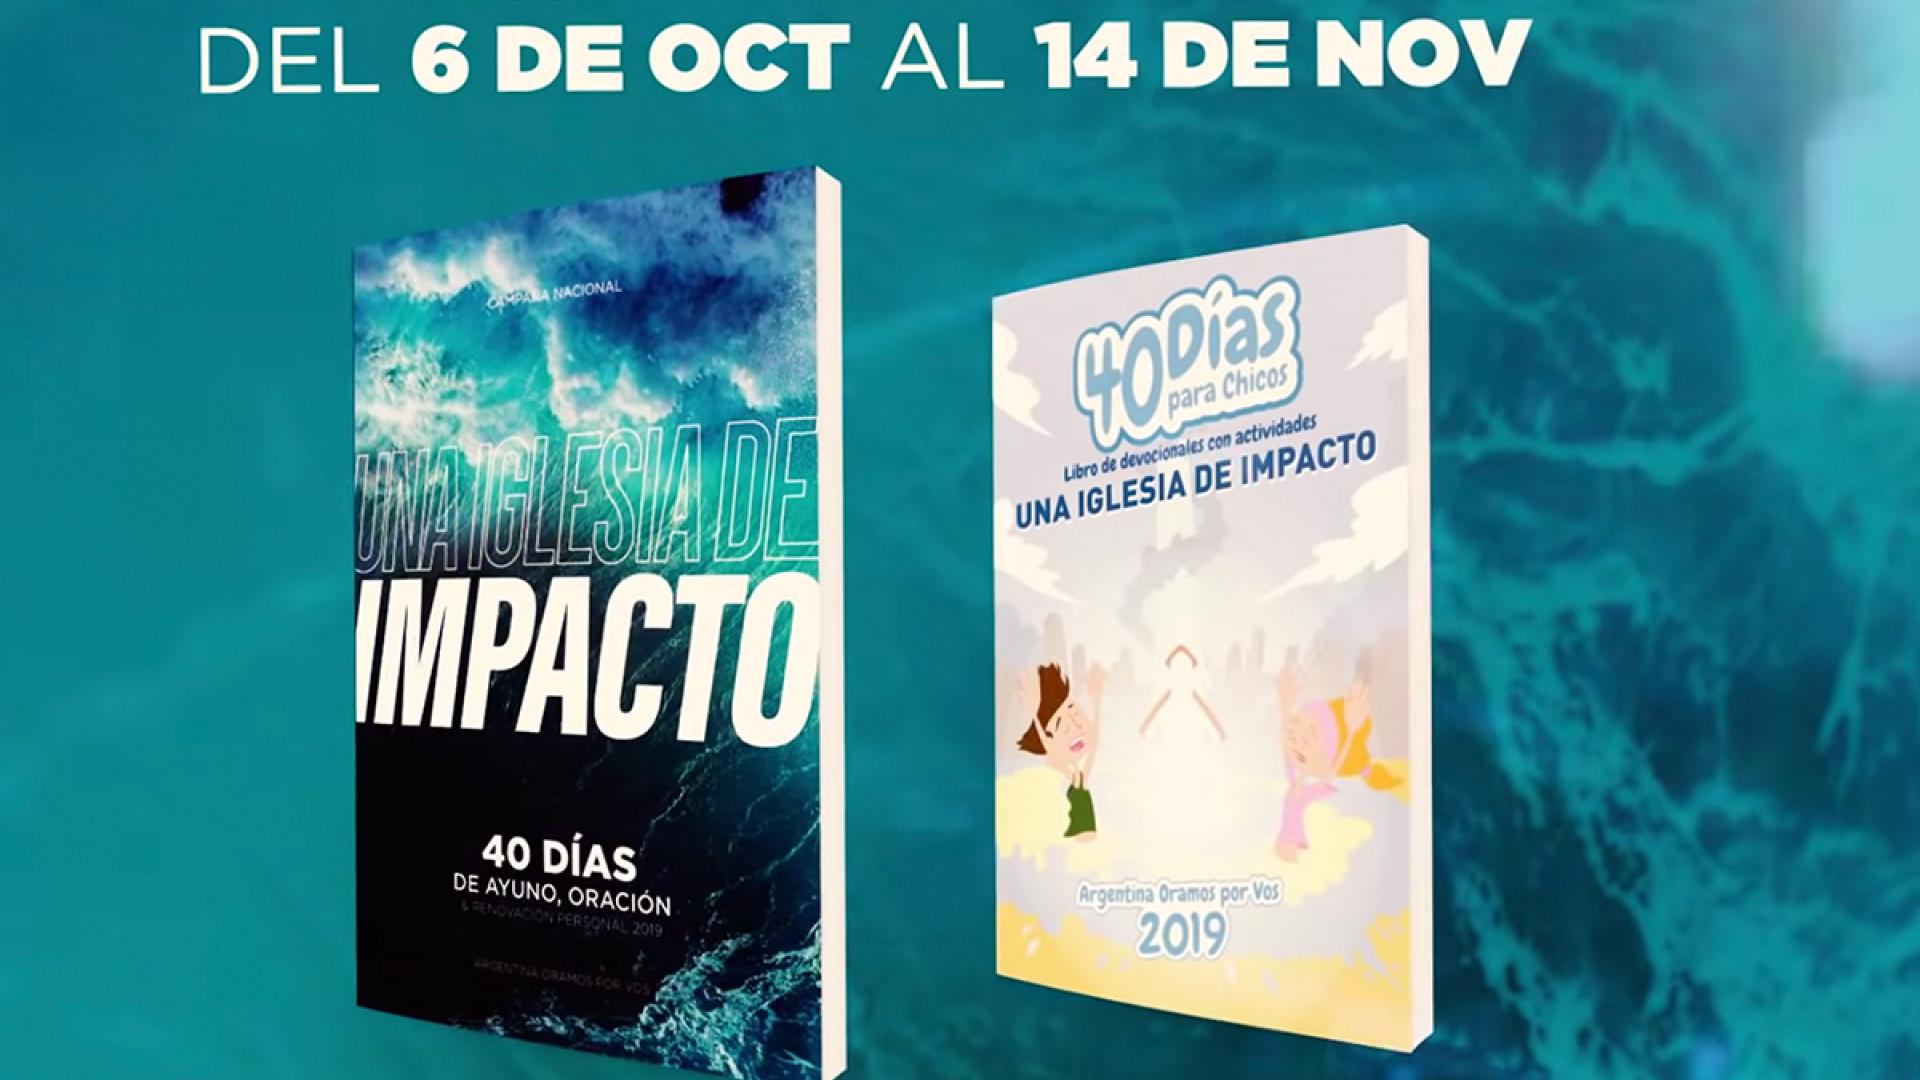 EL IMPACTO DE LOS 40 DÍAS